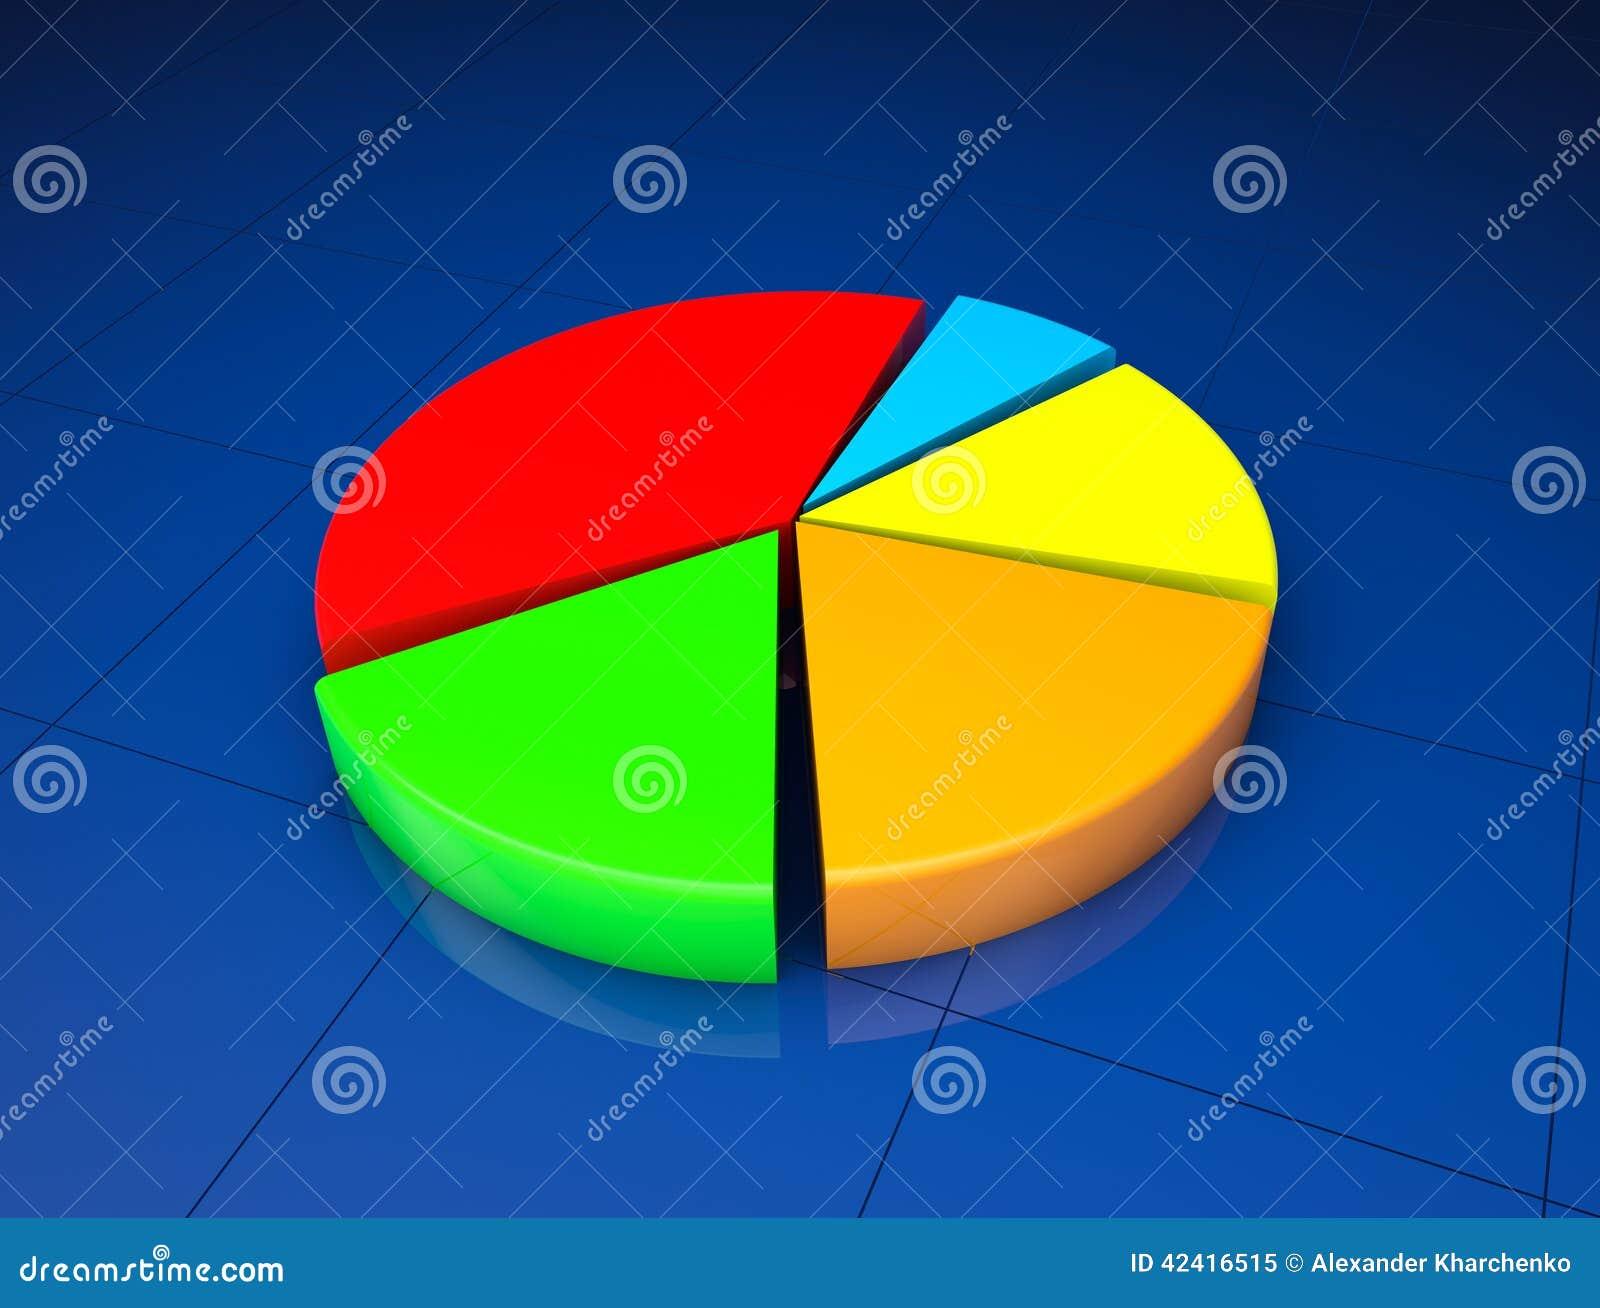 Как сделать круговую диаграмму с процентами excel